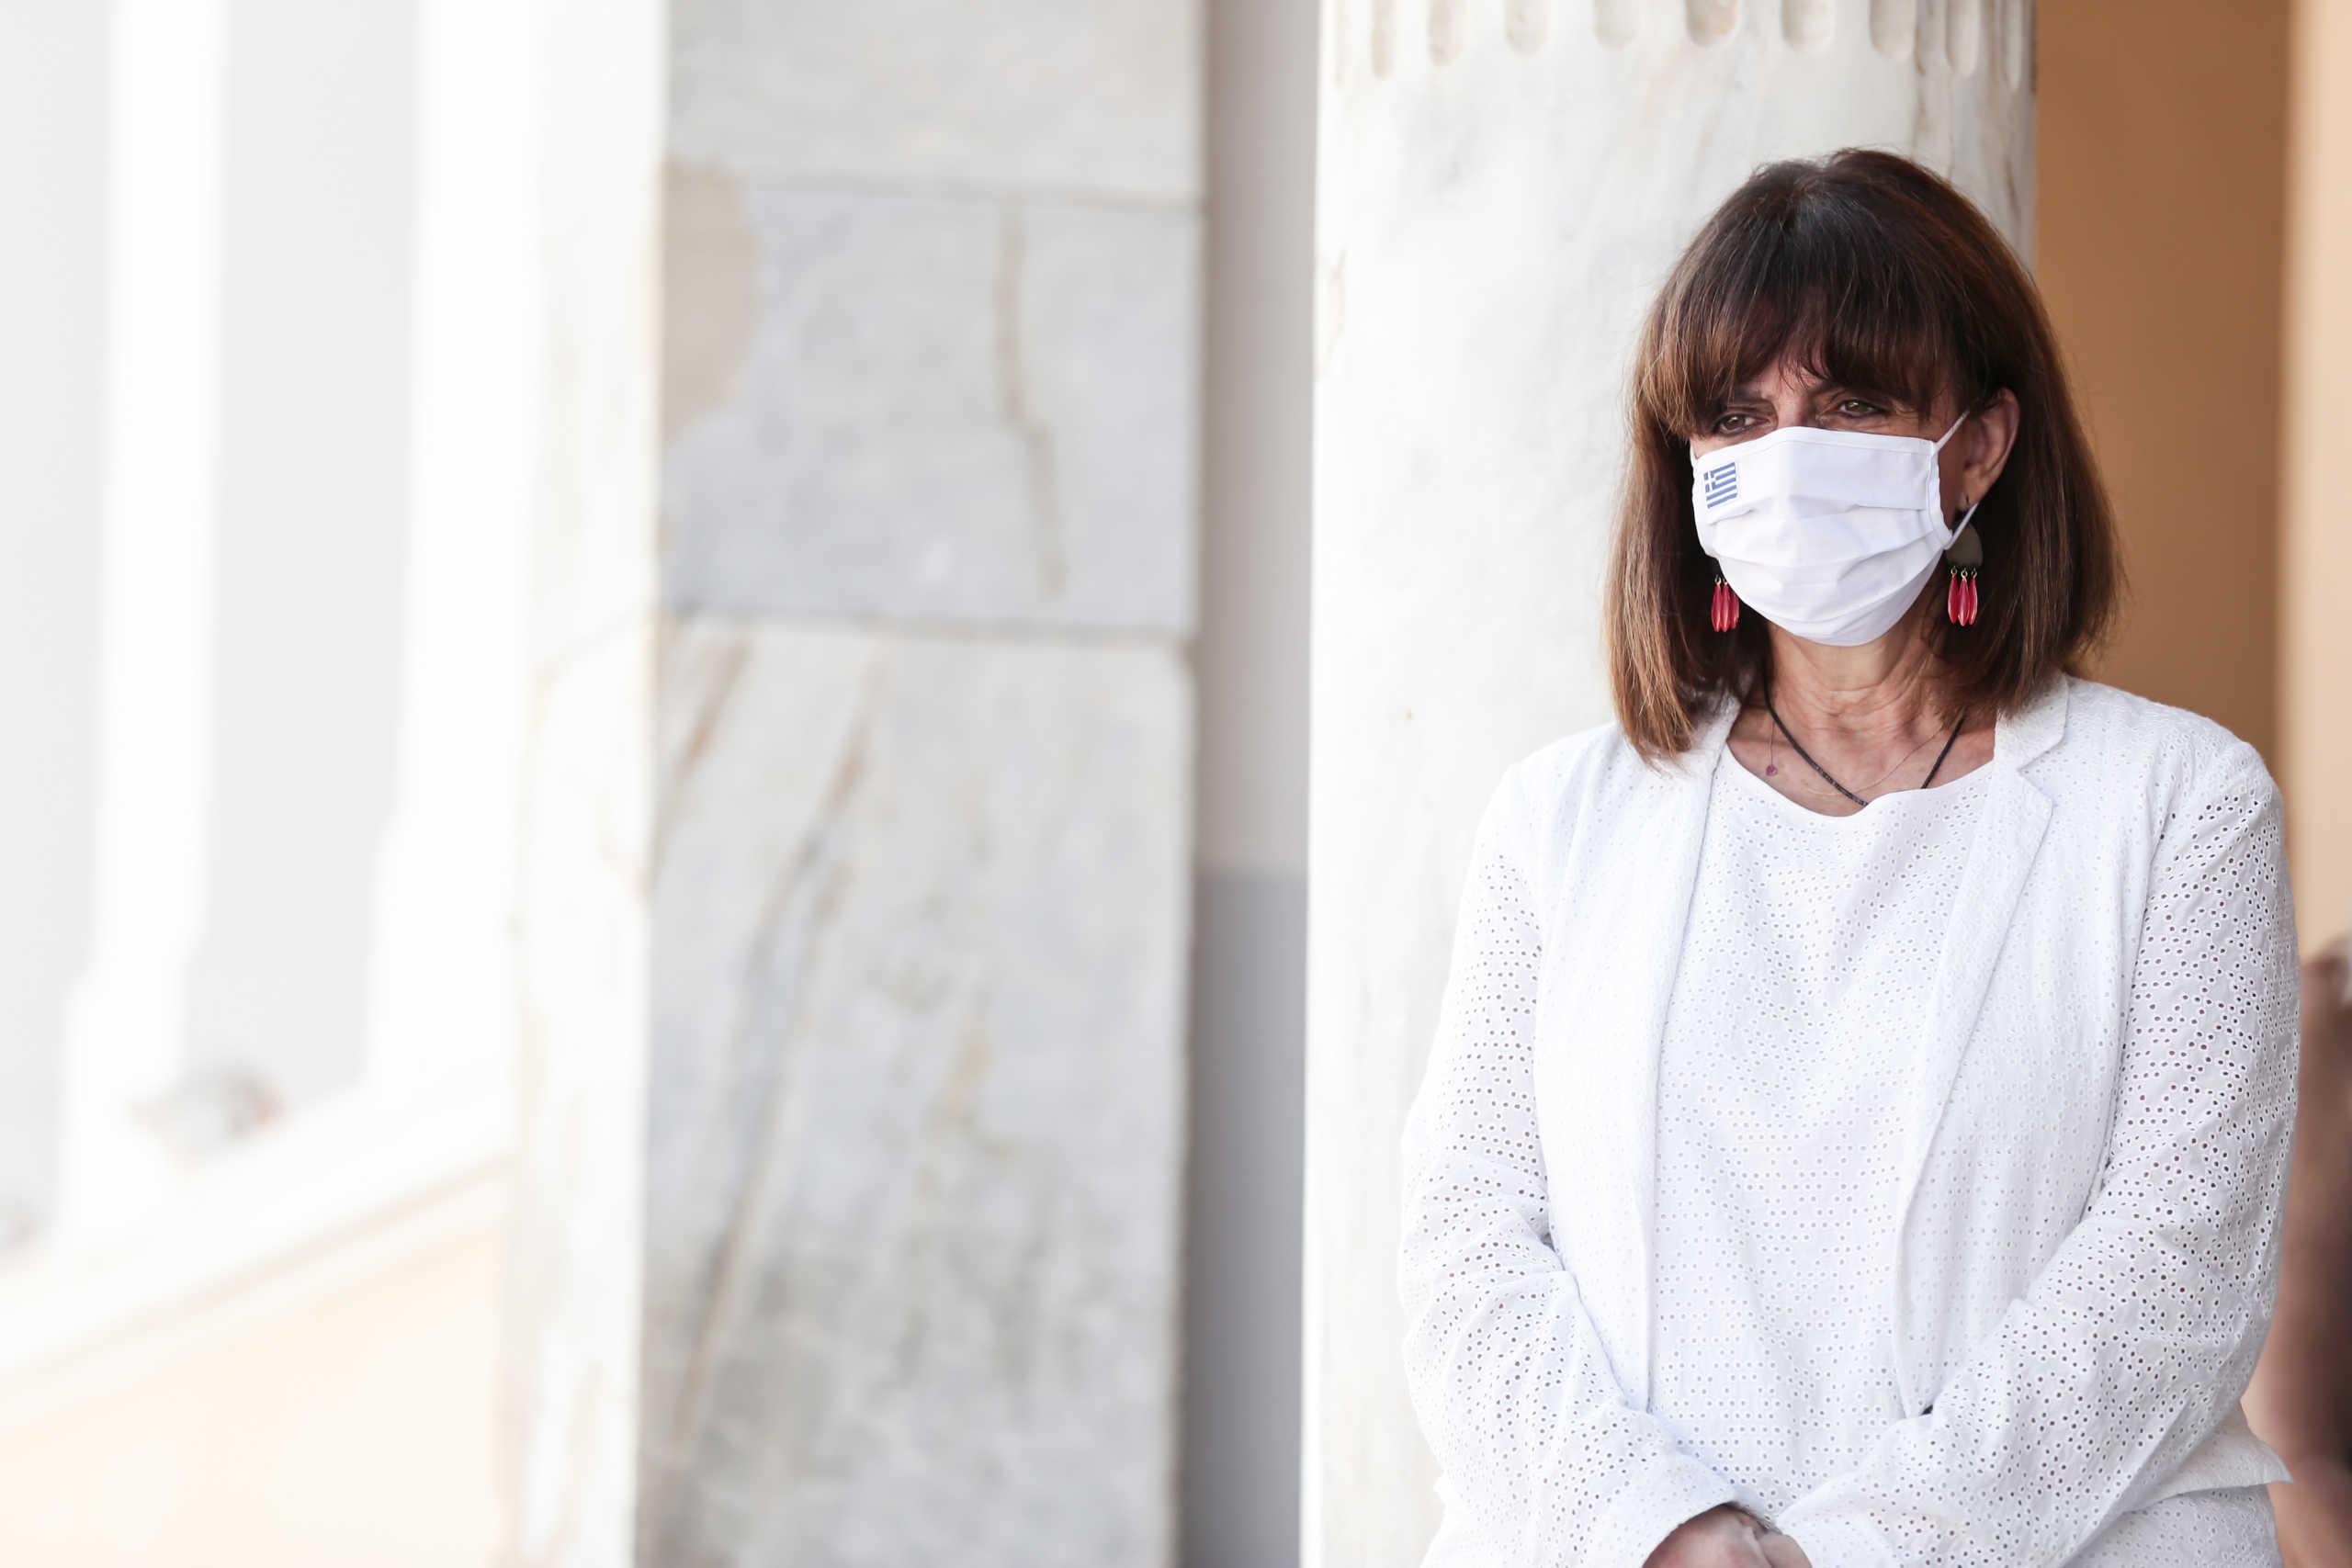 Κατερίνα Σακελλαροπούλου αλλιώς – Μιλάει για την εκλογή της, την διαδρομή της και τις δημόσιες παρεμβάσεις της